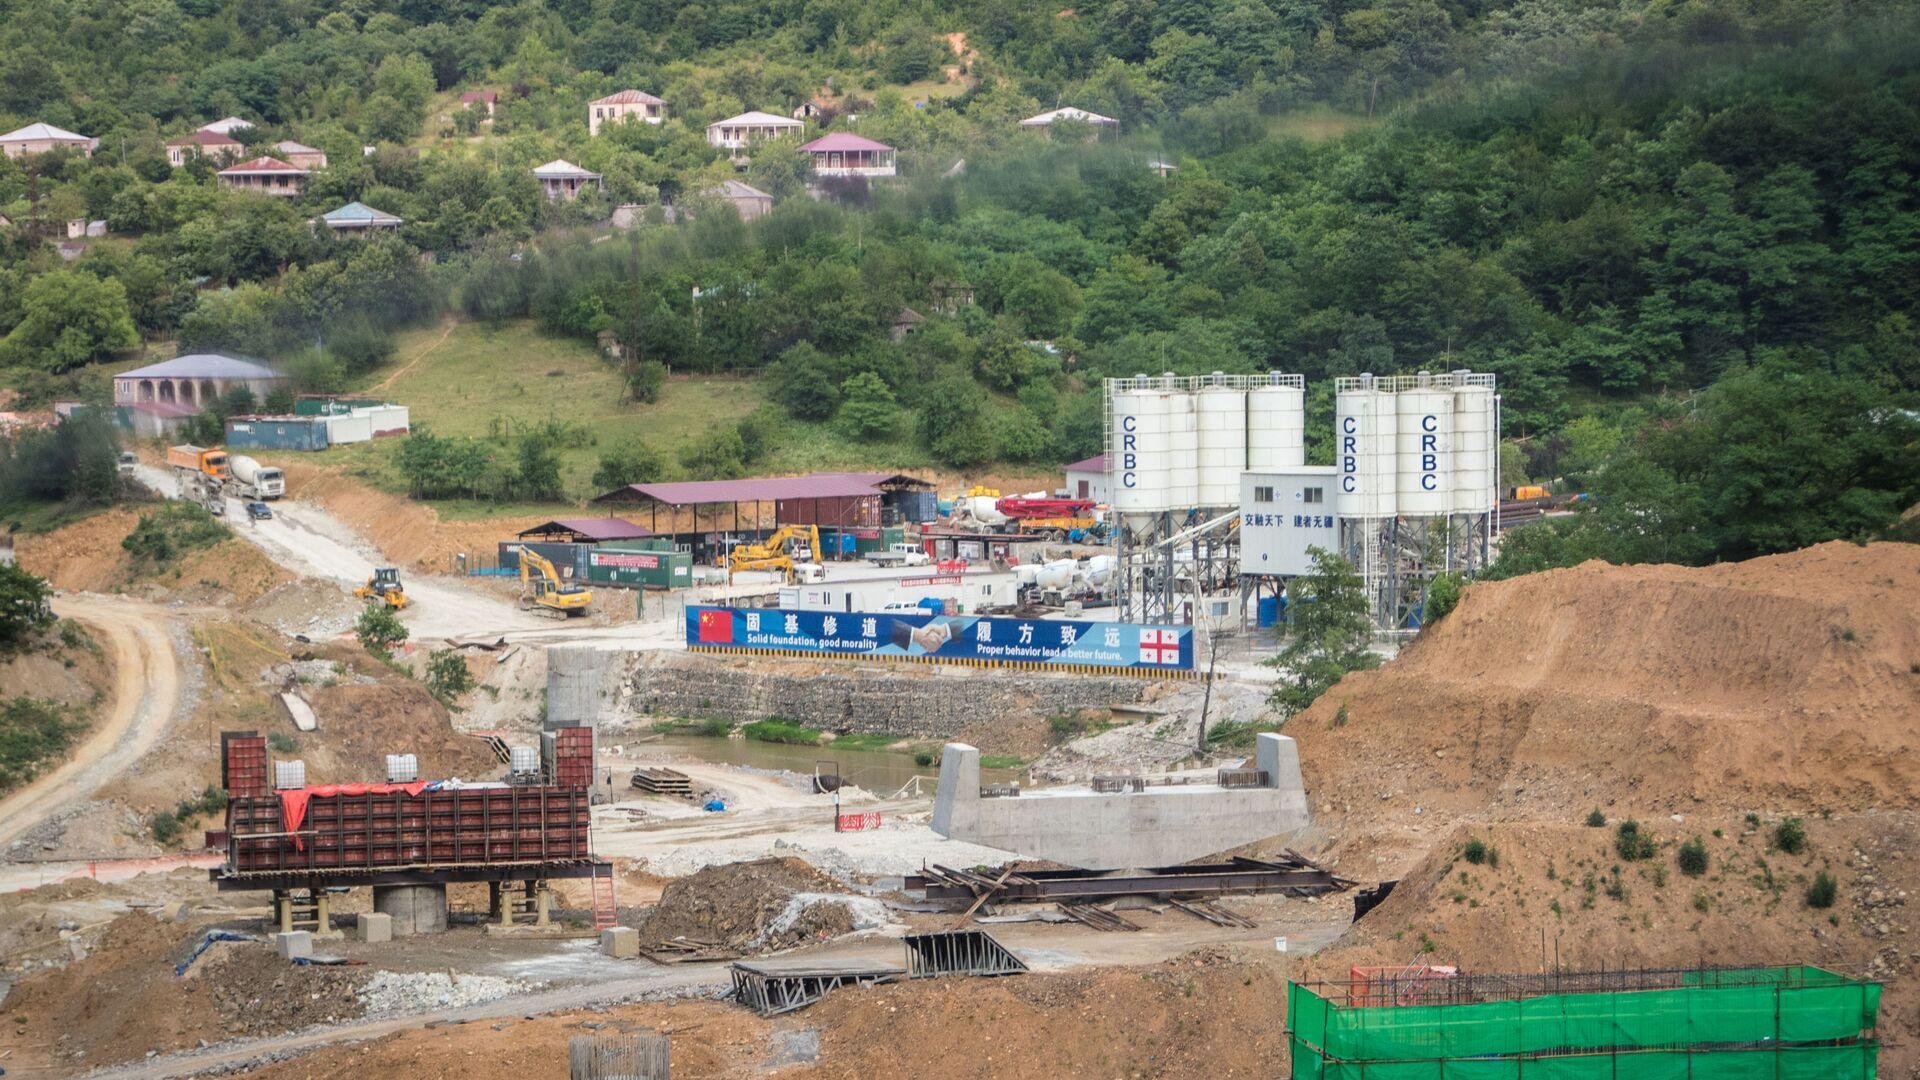 Рикотский перевал. Строительство новой трассы Восток Запад и прокладка тоннелей - Sputnik Грузия, 1920, 13.10.2021